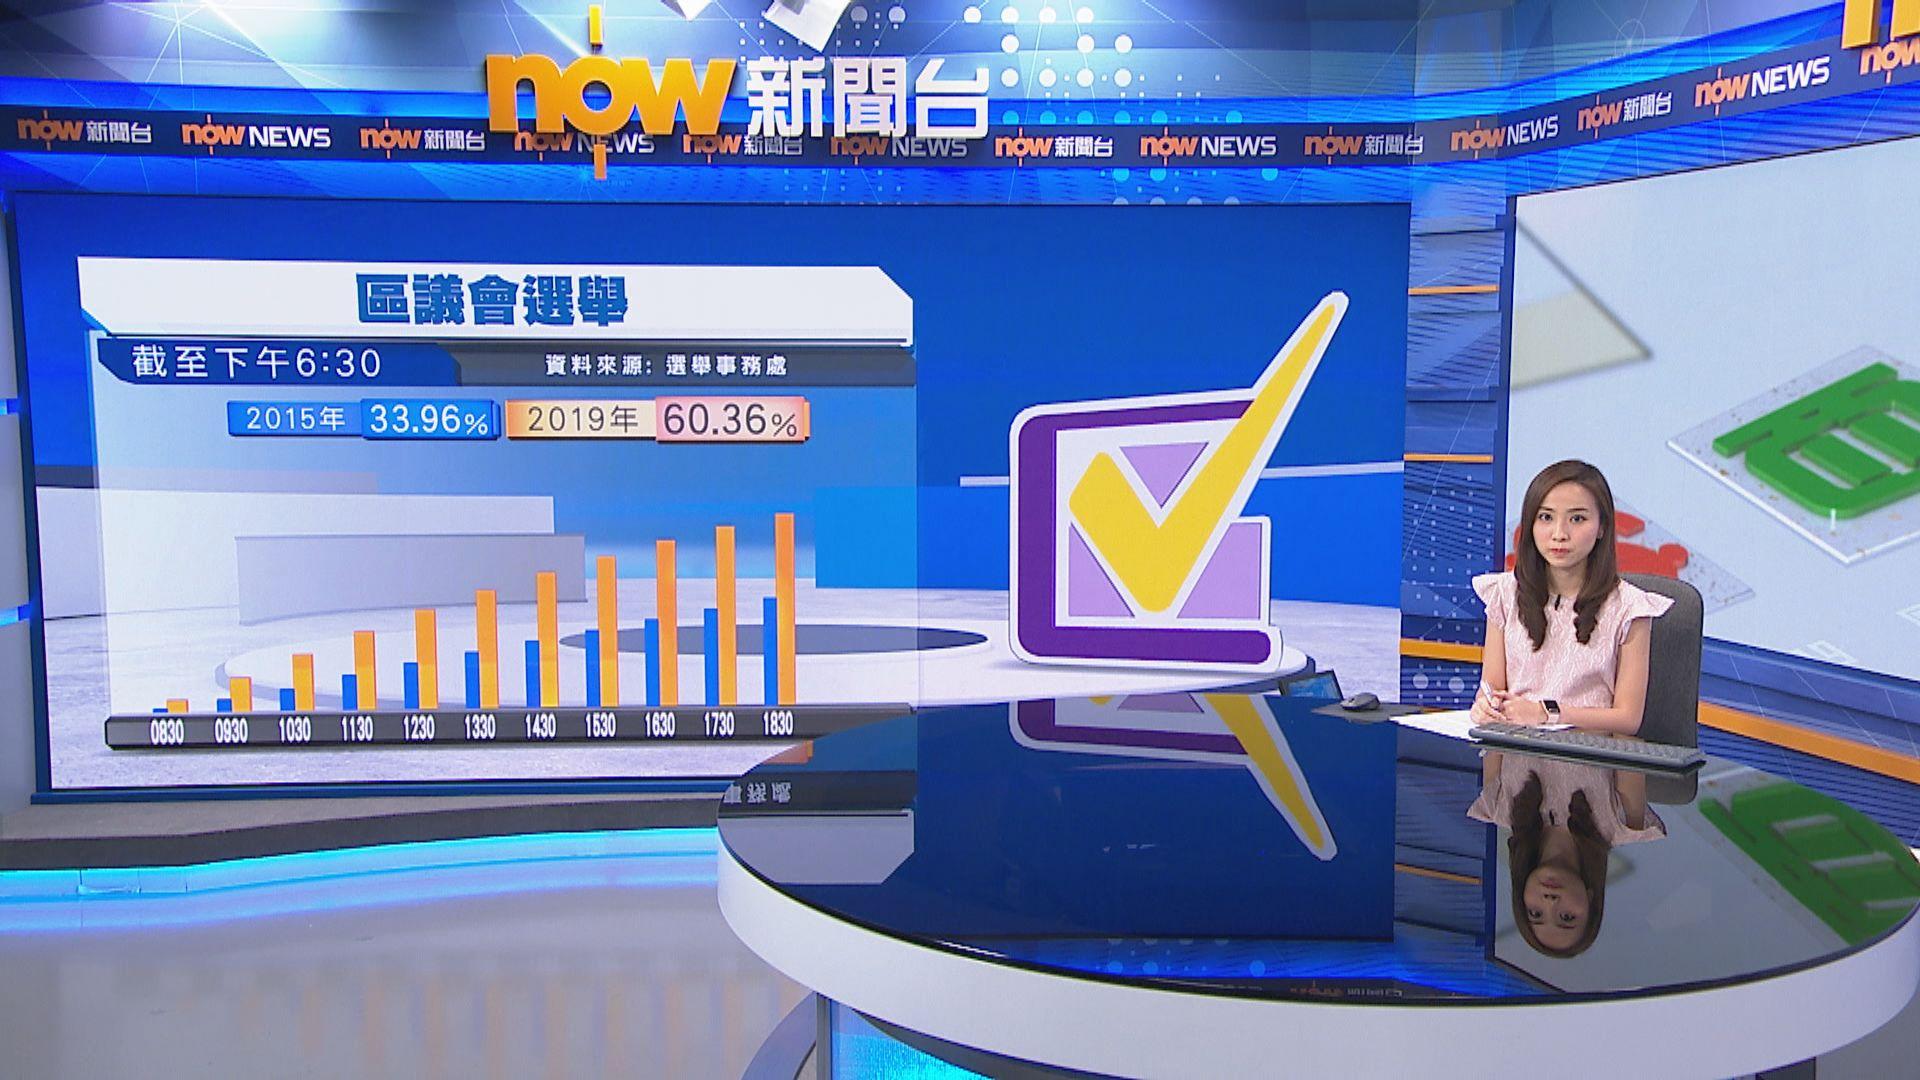 【區議會選舉】焦點新聞